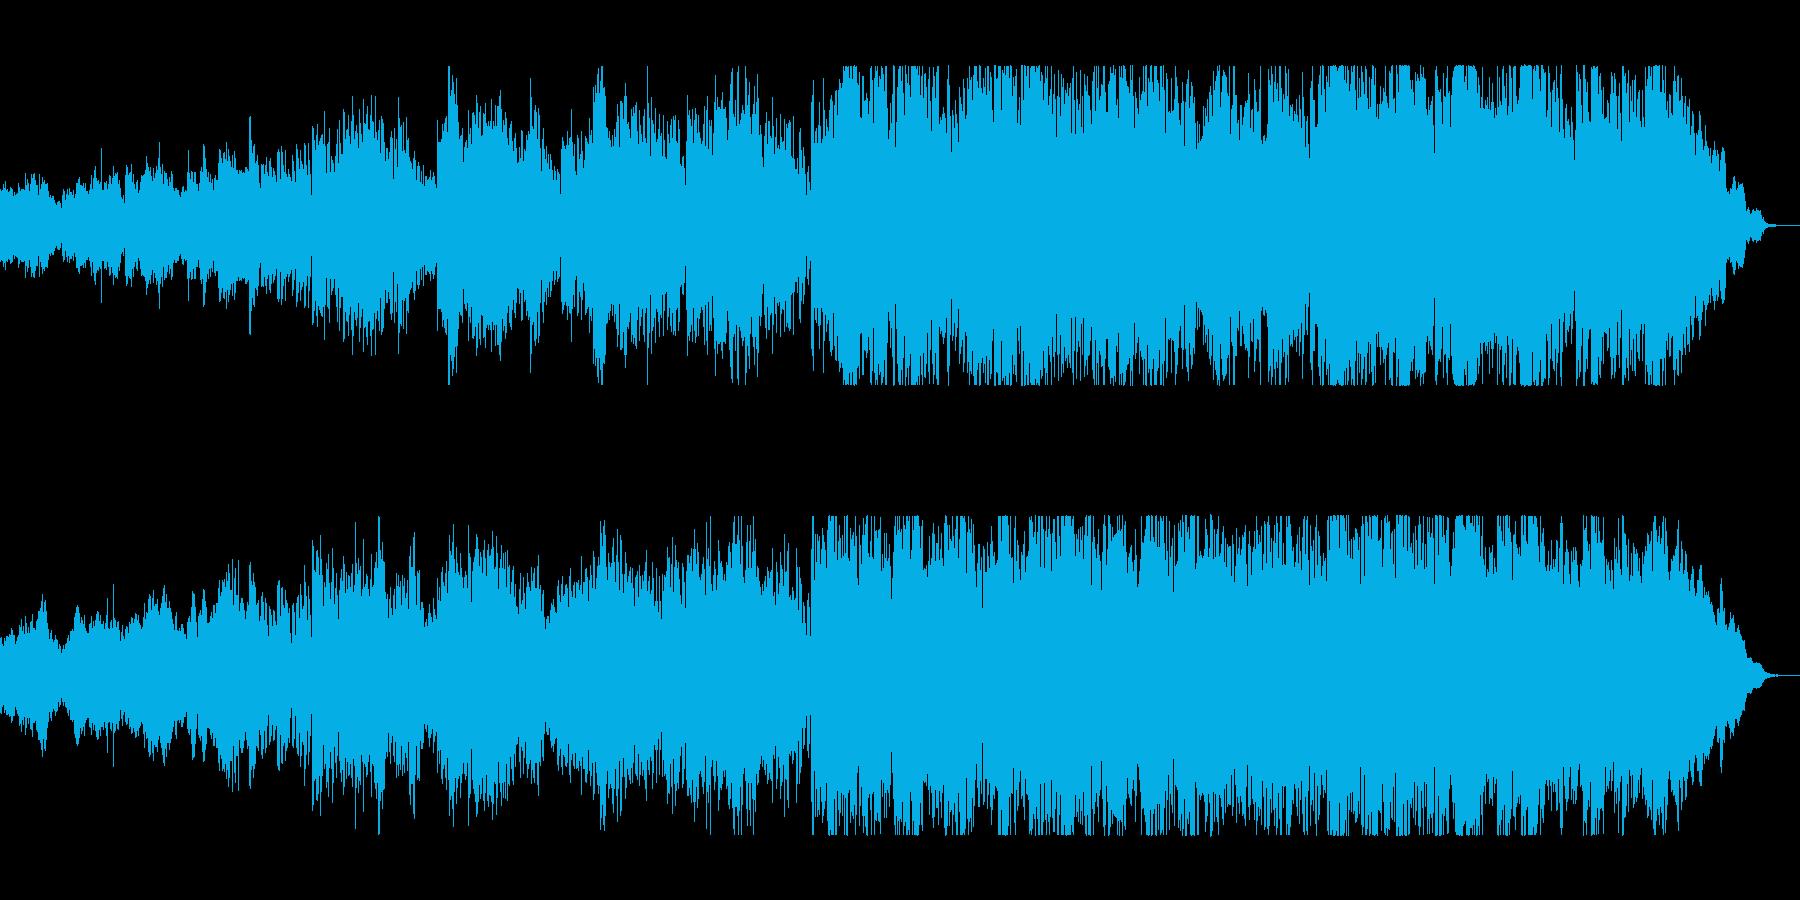 ハスキーな中音の女性の声が魅力の楽曲の再生済みの波形